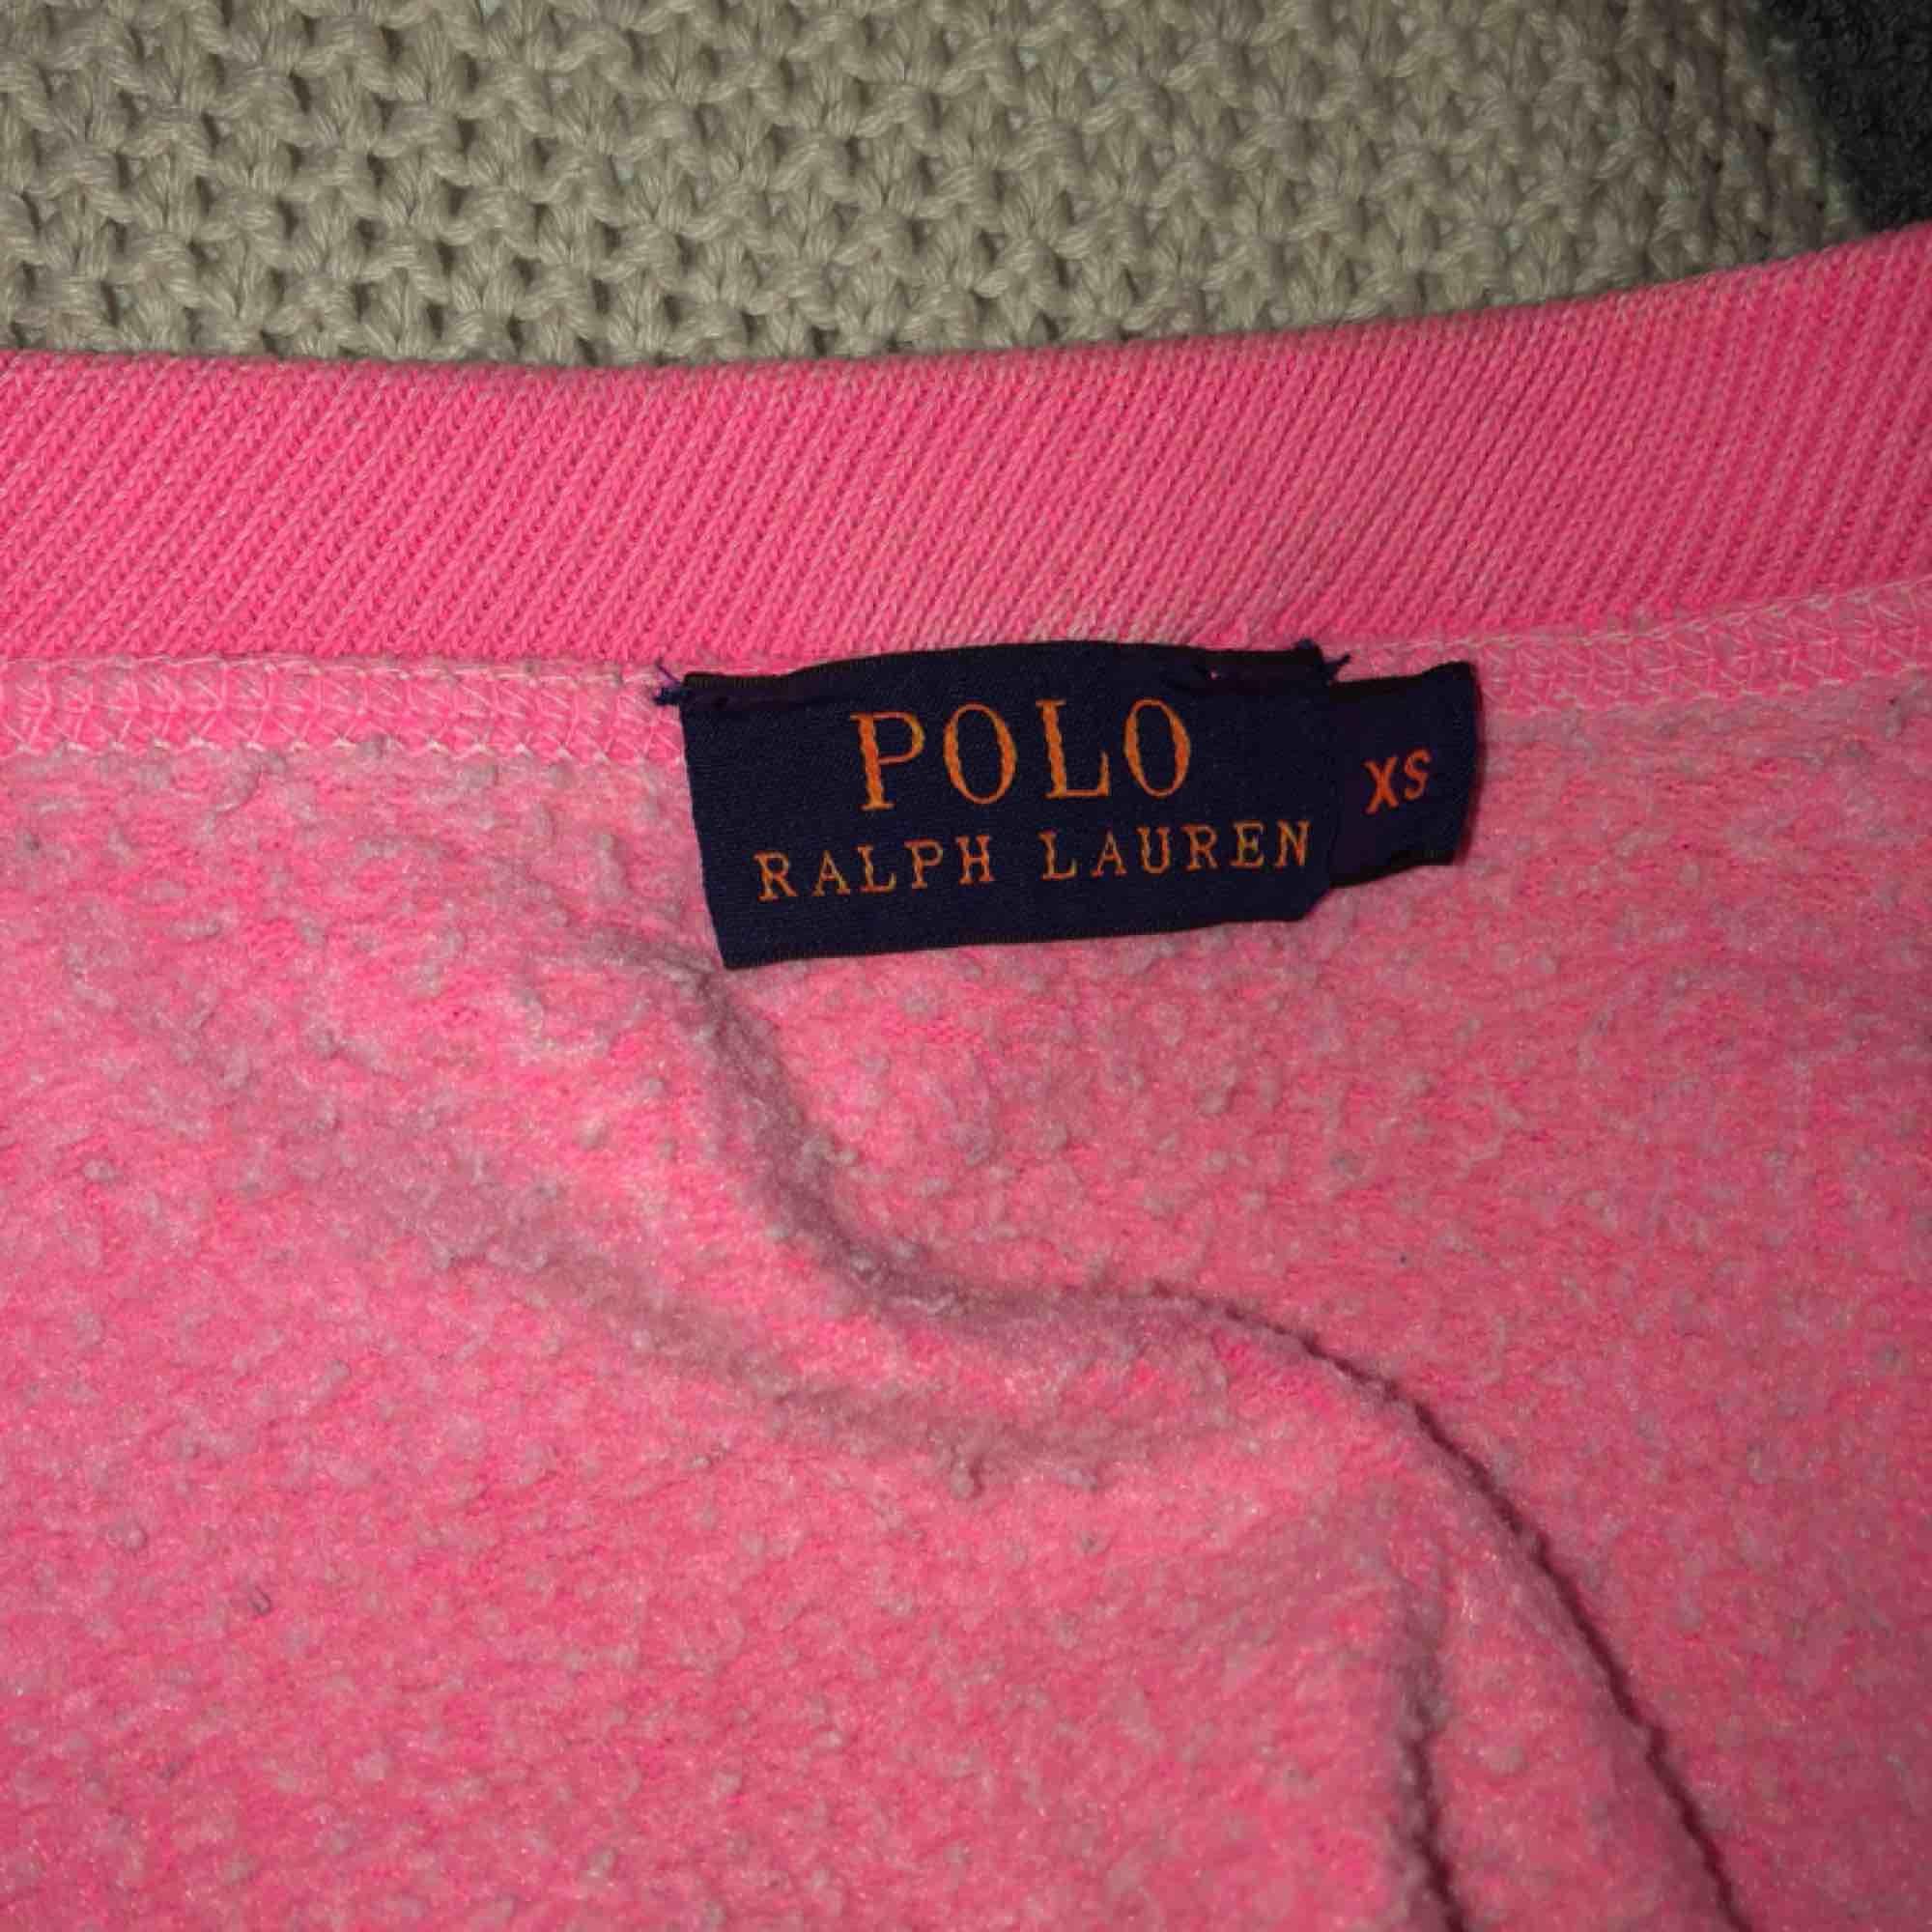 En chockrosa collegetröja ifrån Ralph lauren, loggan är i limegrönt. Stl XS. Köparen står för frakten som ligger på 60 kr, jag tar emot swish:). Huvtröjor & Träningströjor.